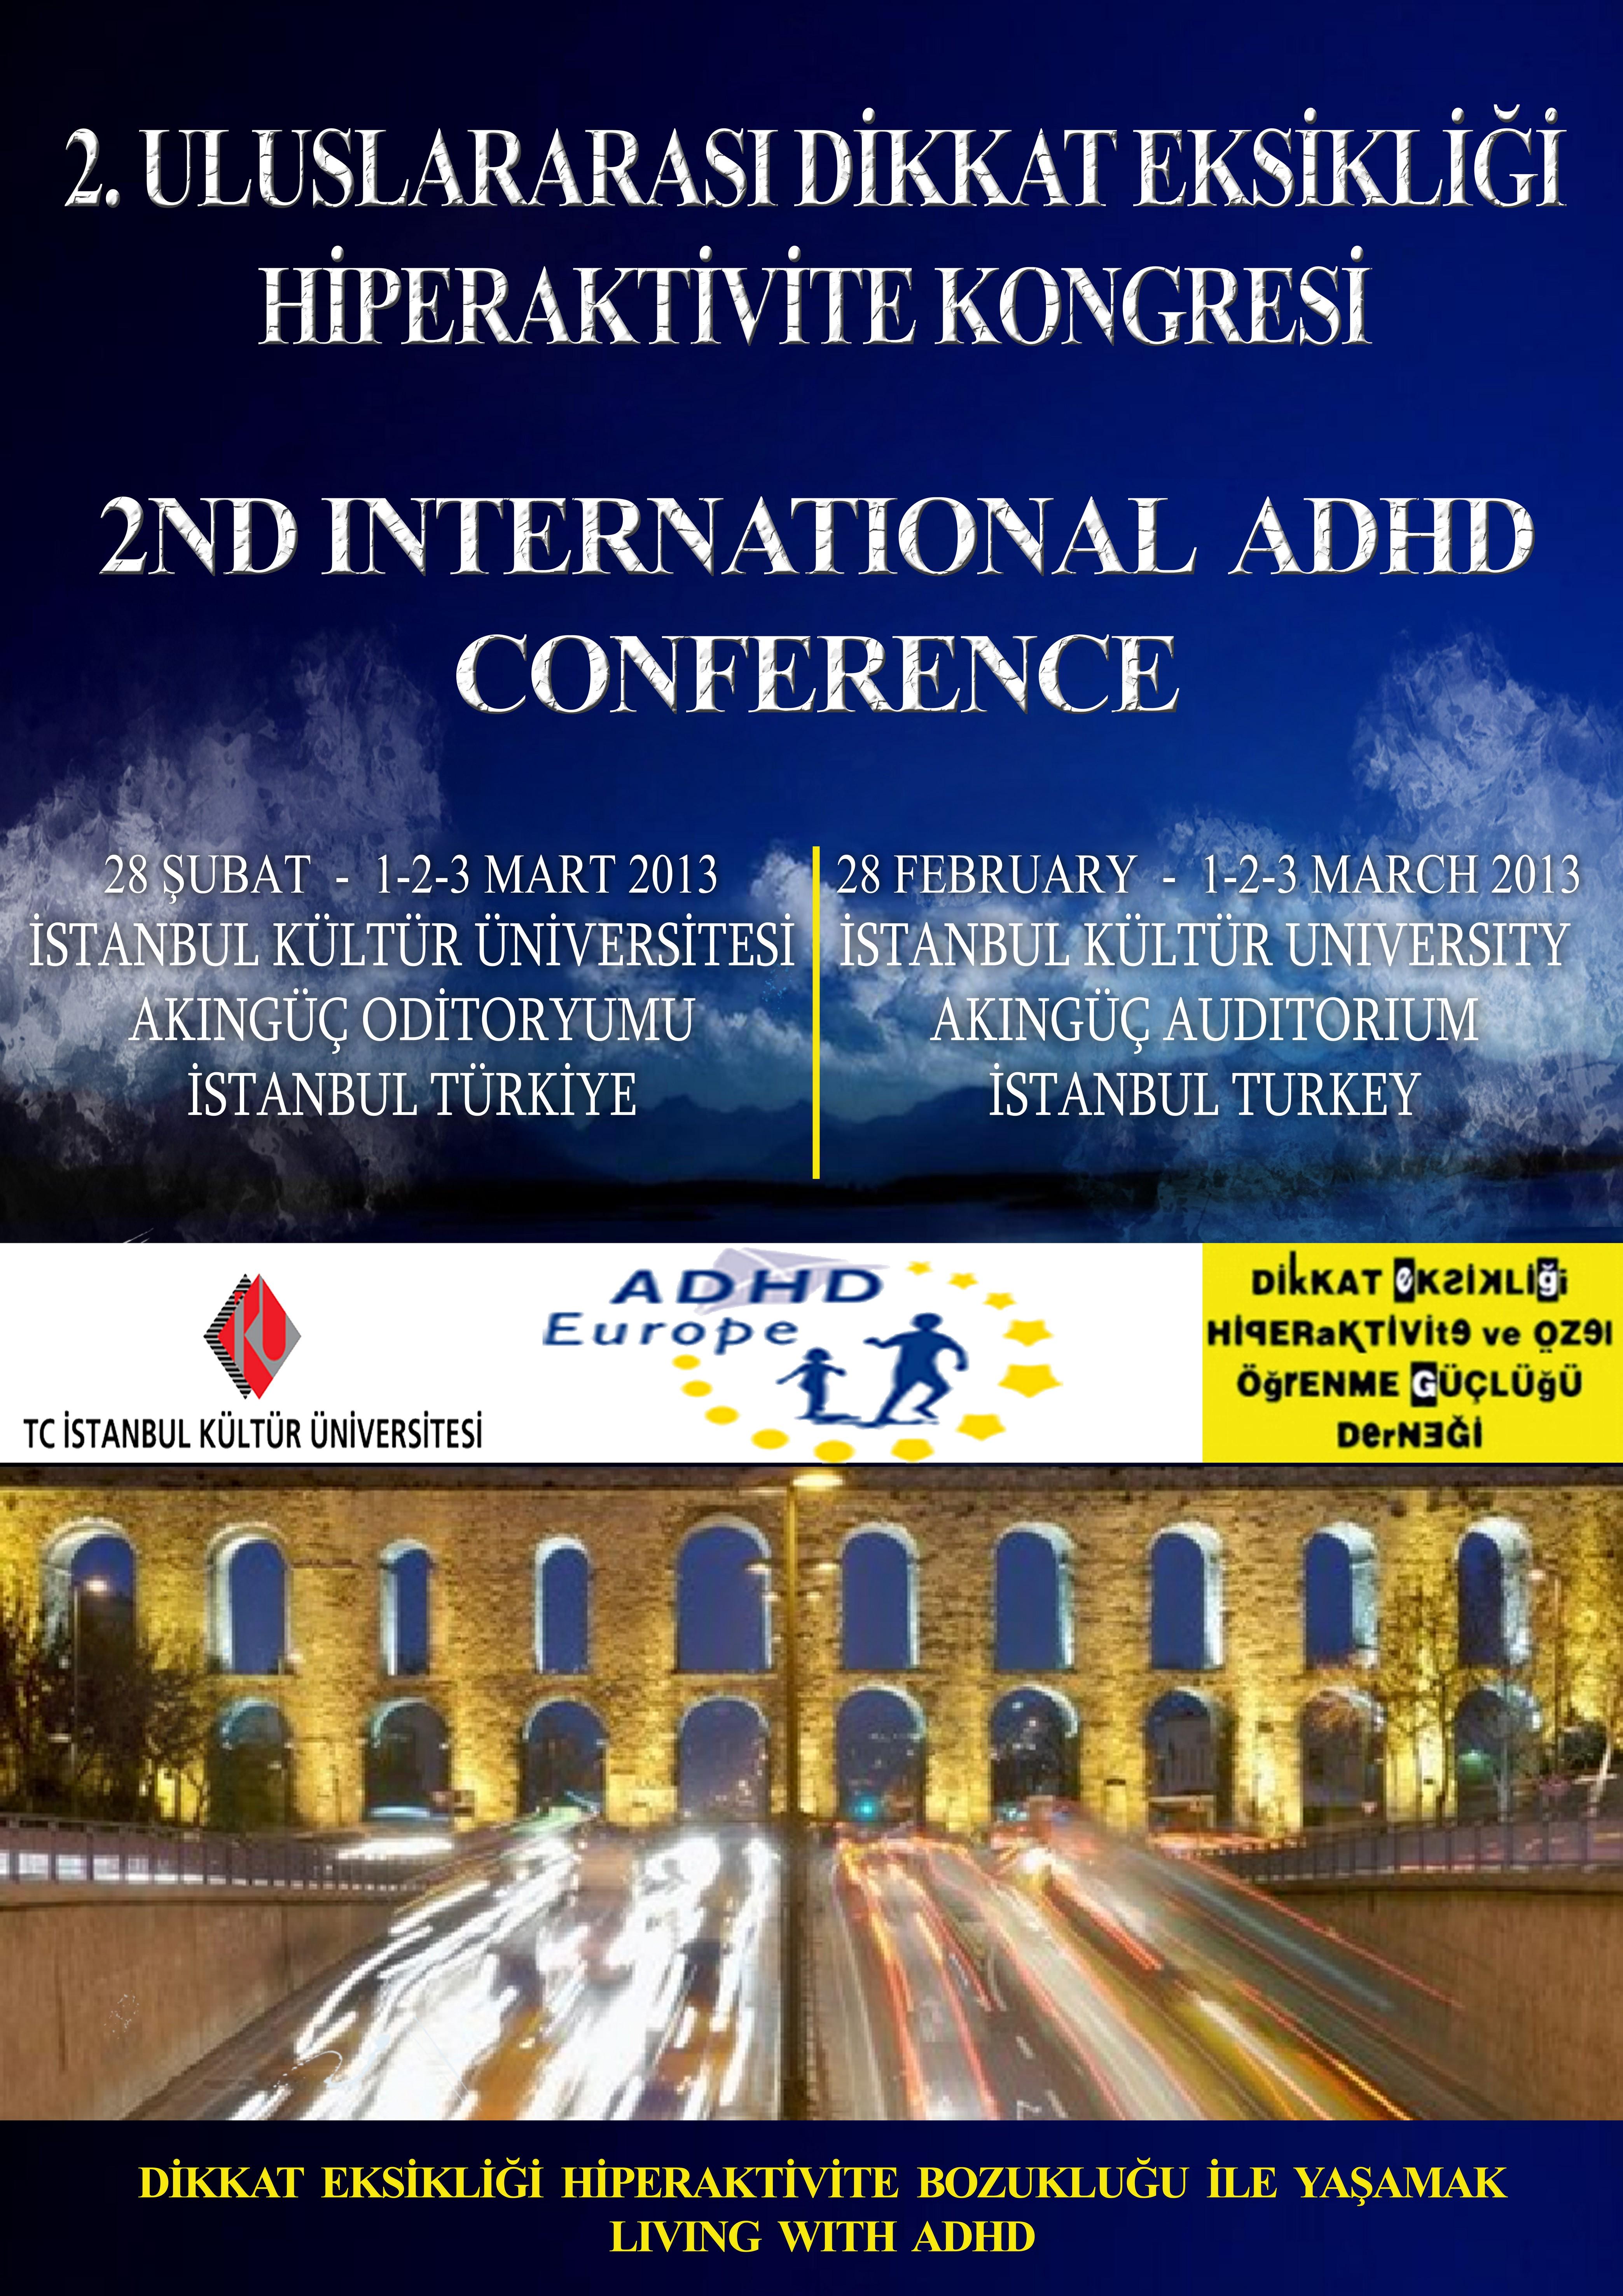 2. Uluslararası Dikkat Eksikliği Hiperaktivite Kongresi